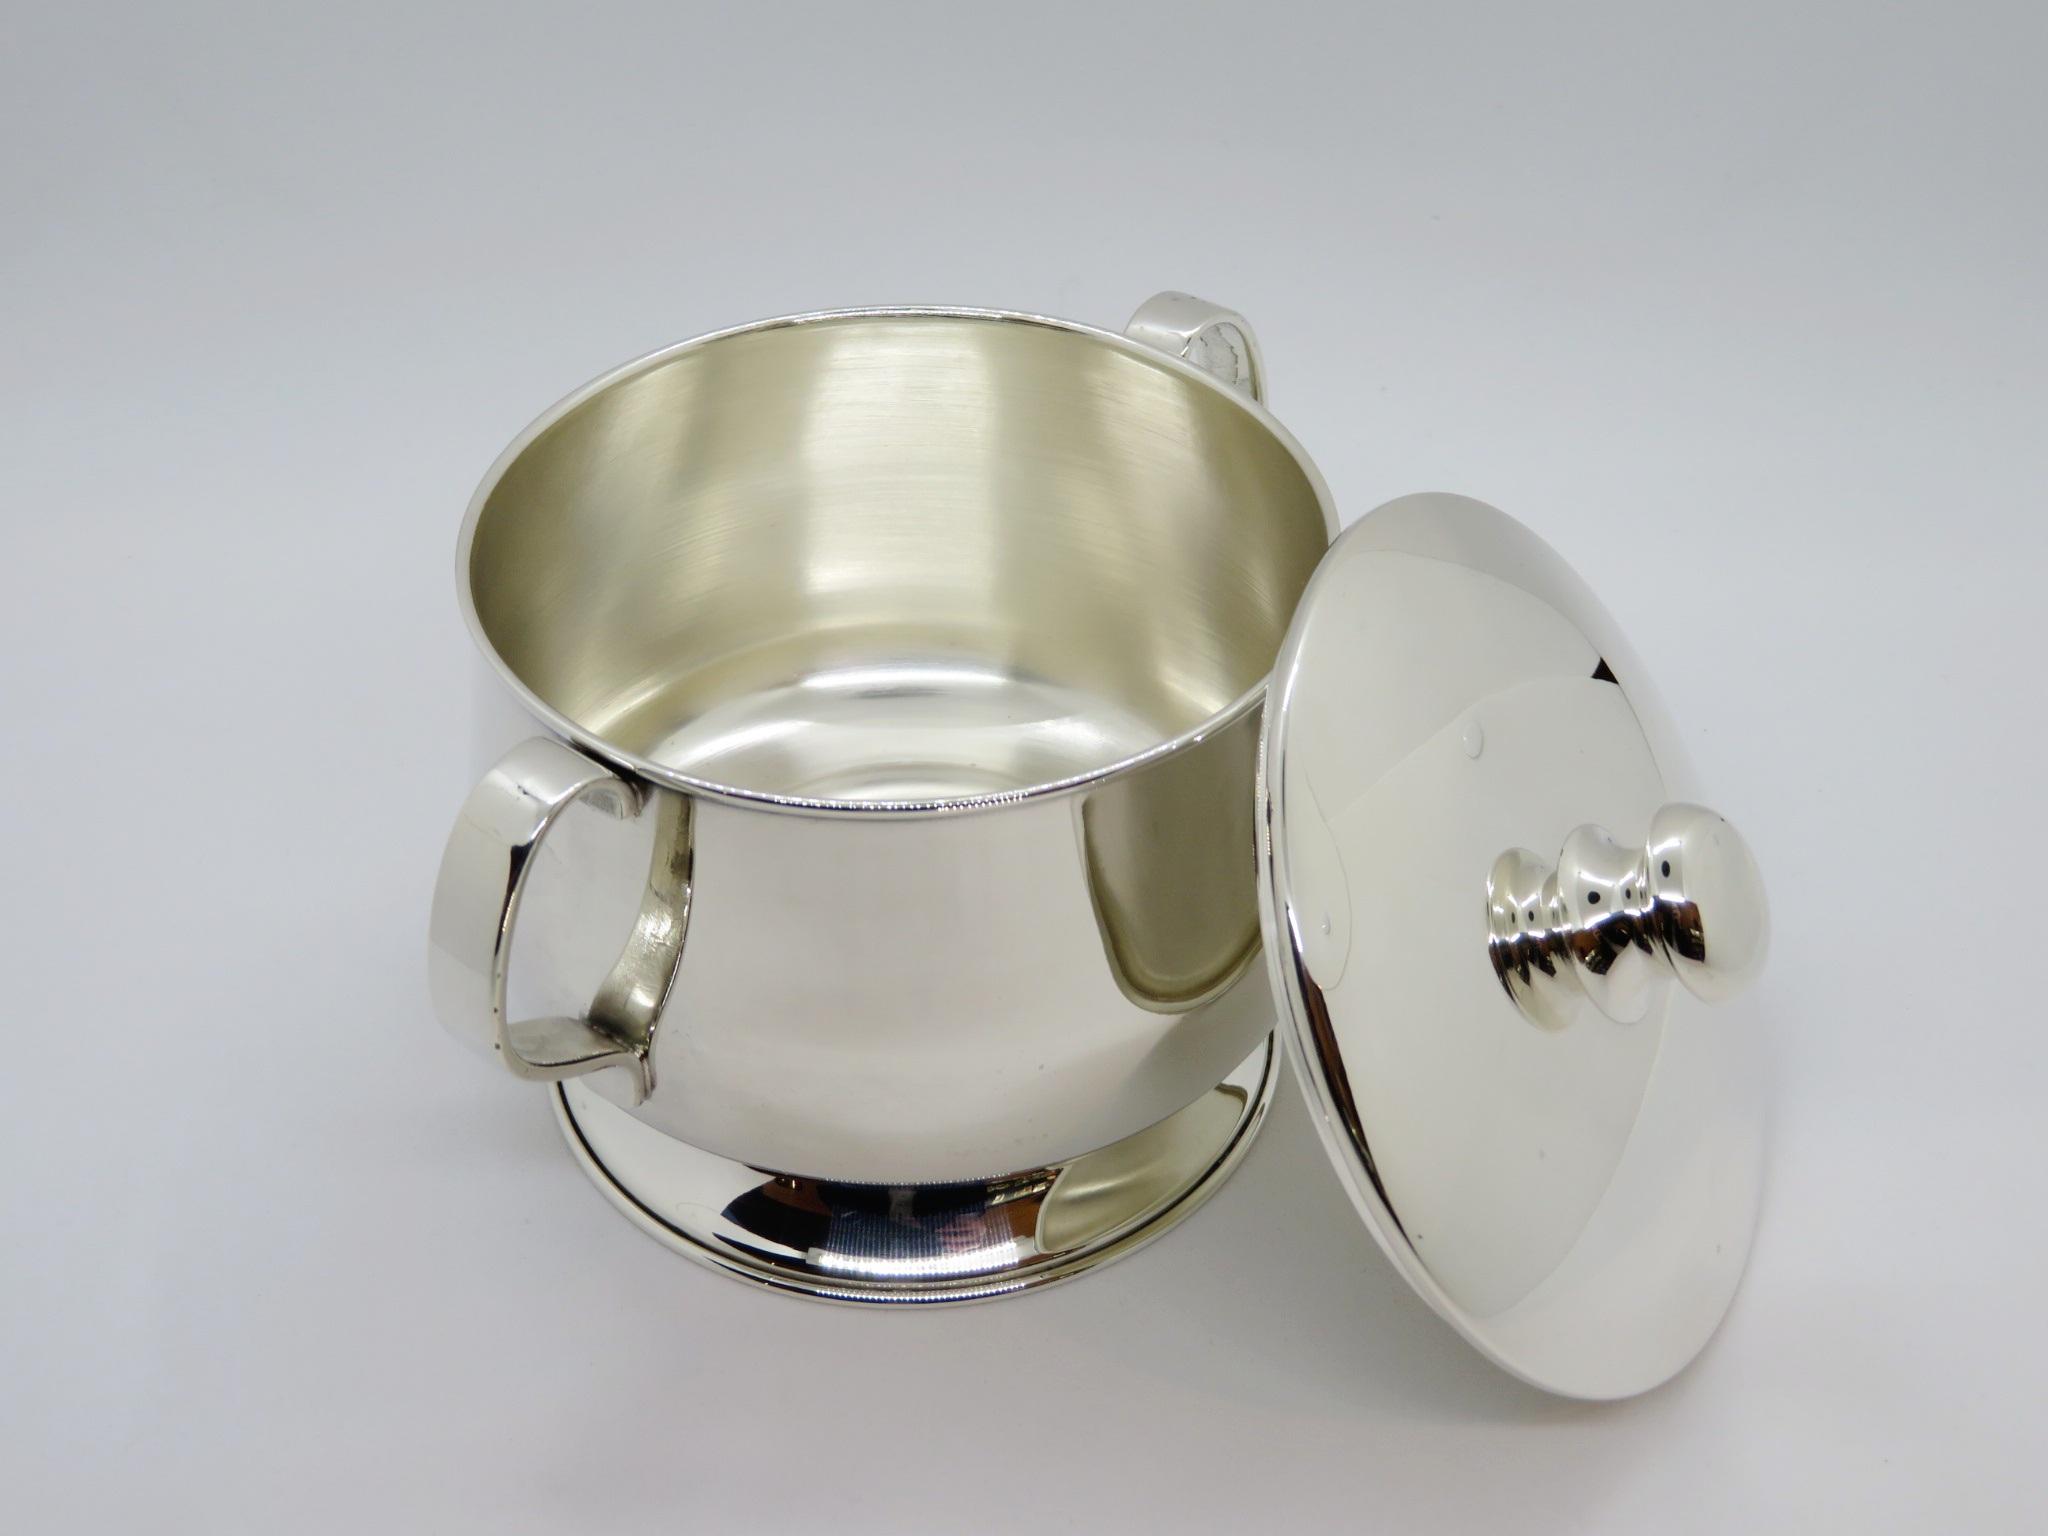 Zuccheriera in Argento 800, stile Inglese con lavorazione a mano